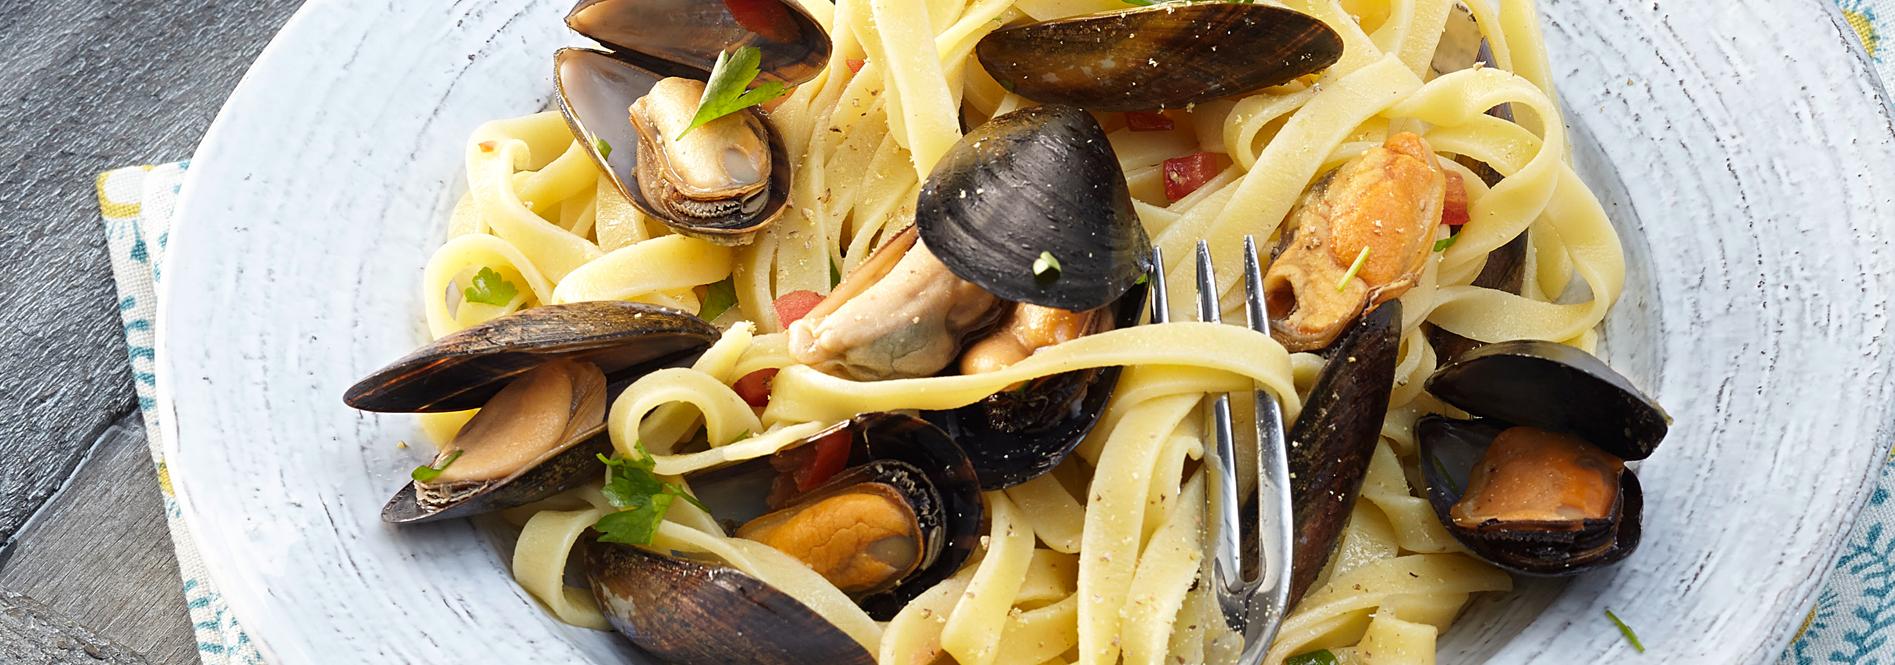 Rezeptfoto Spaghetti mit Miesmuscheln von COSTA Meeresspezialitäten